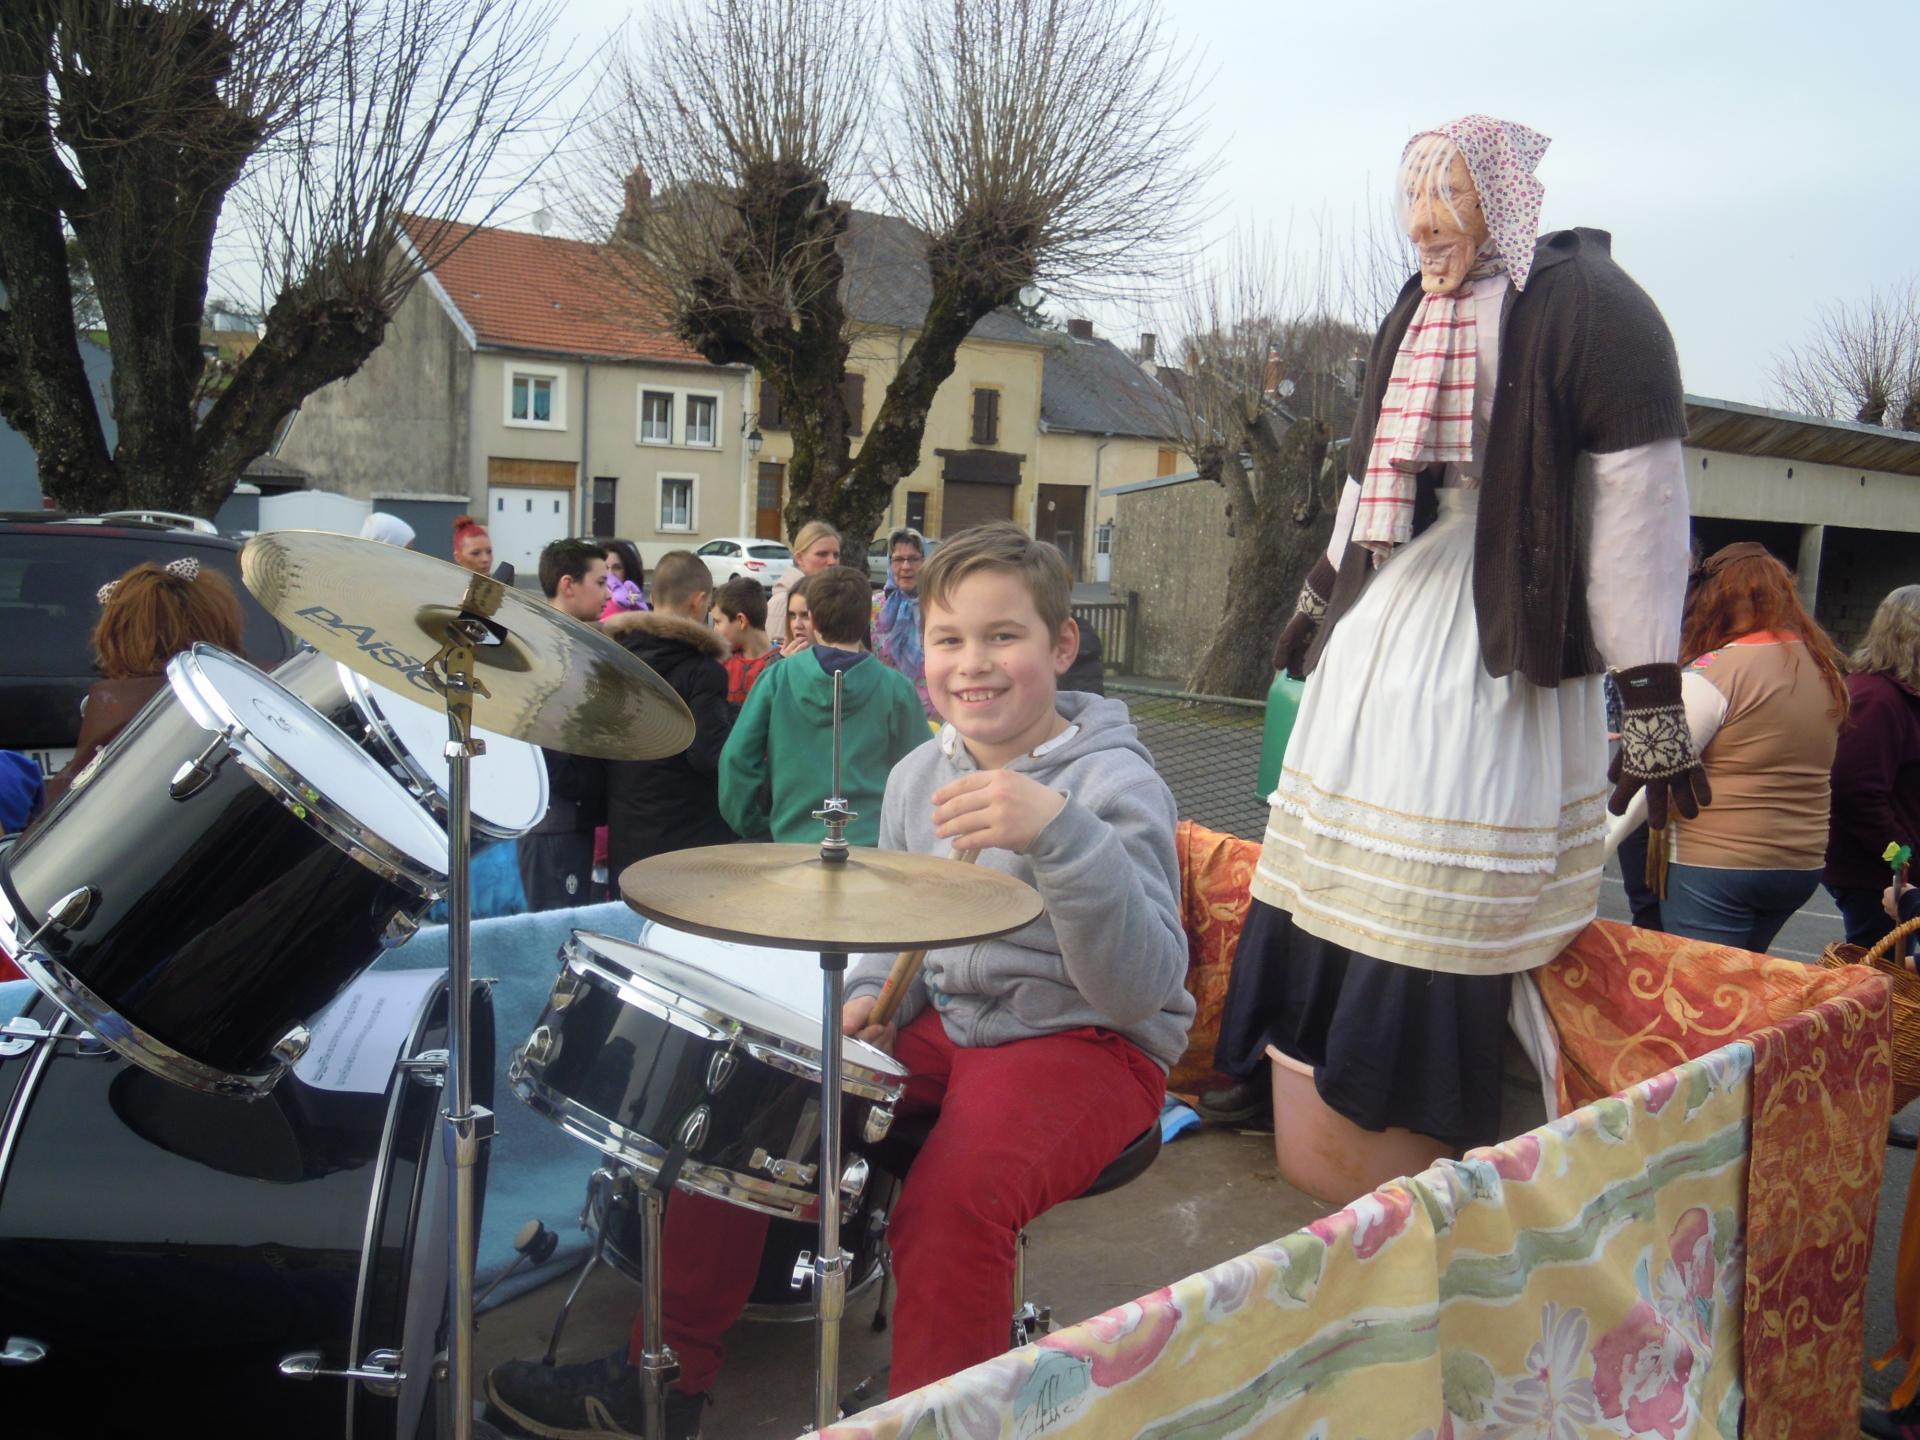 Bécassine 1ère accompagné d'un jeune musicien